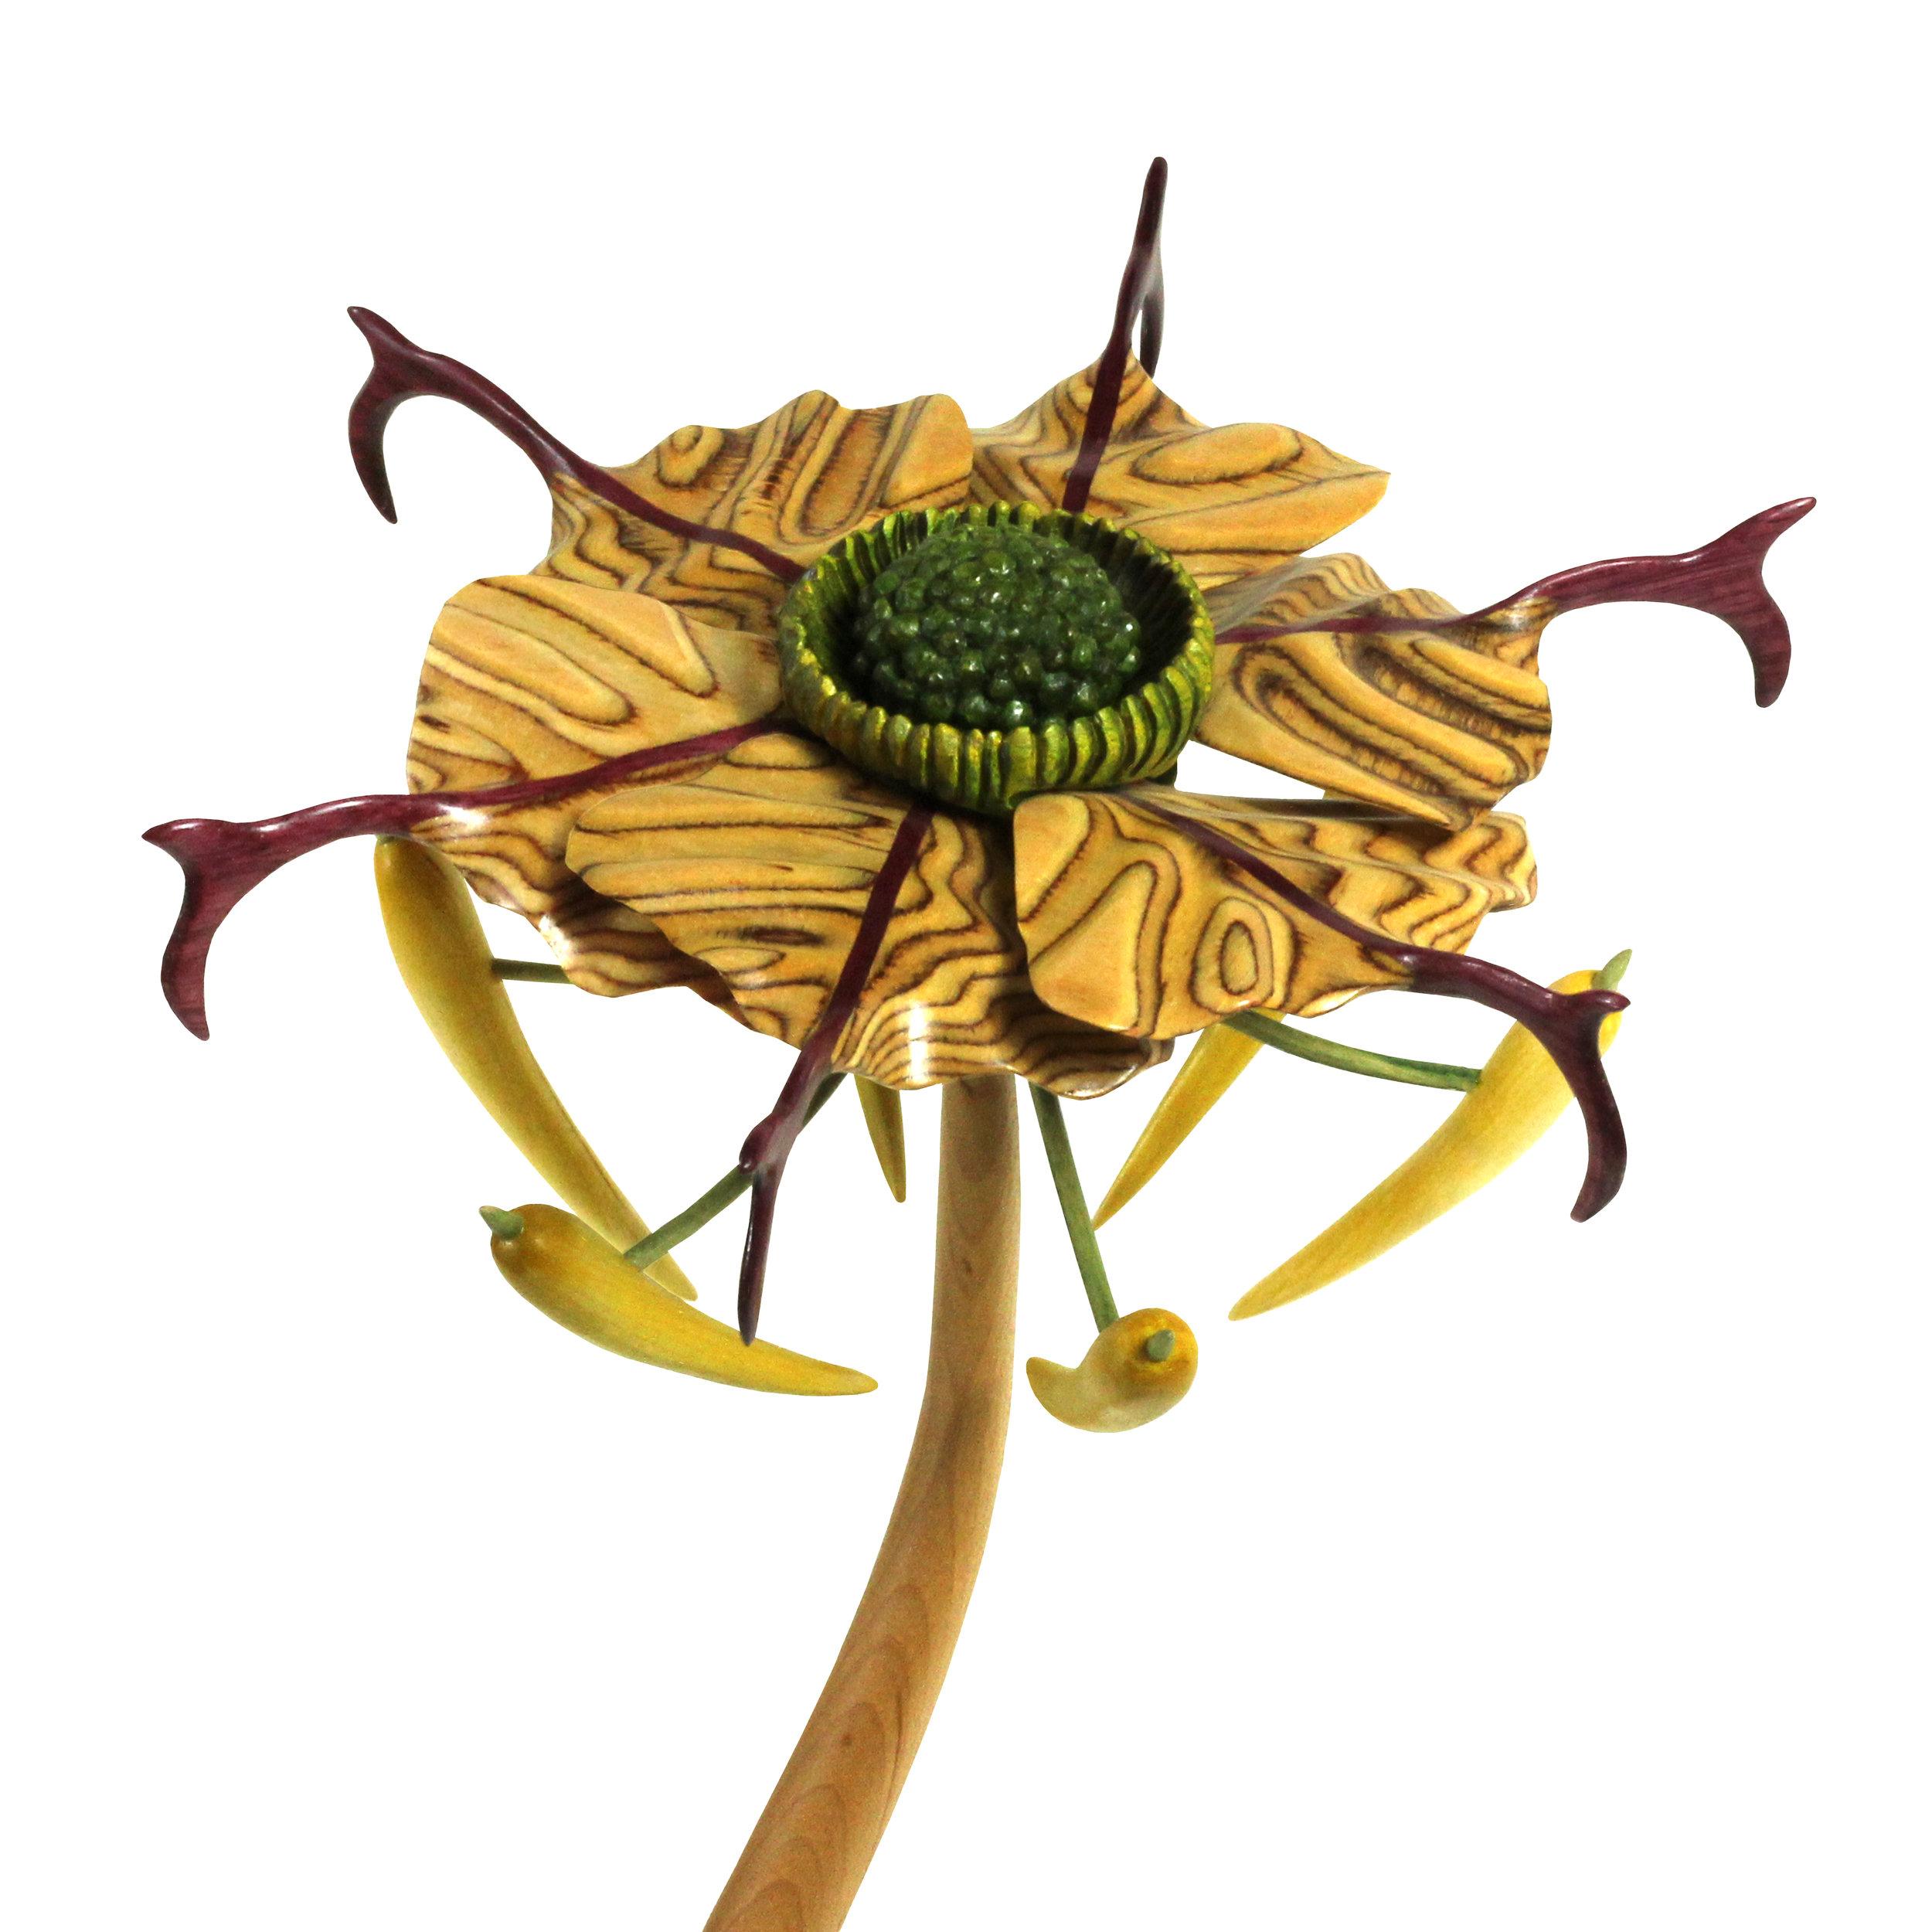 Bloom #4 by Sam Hingston